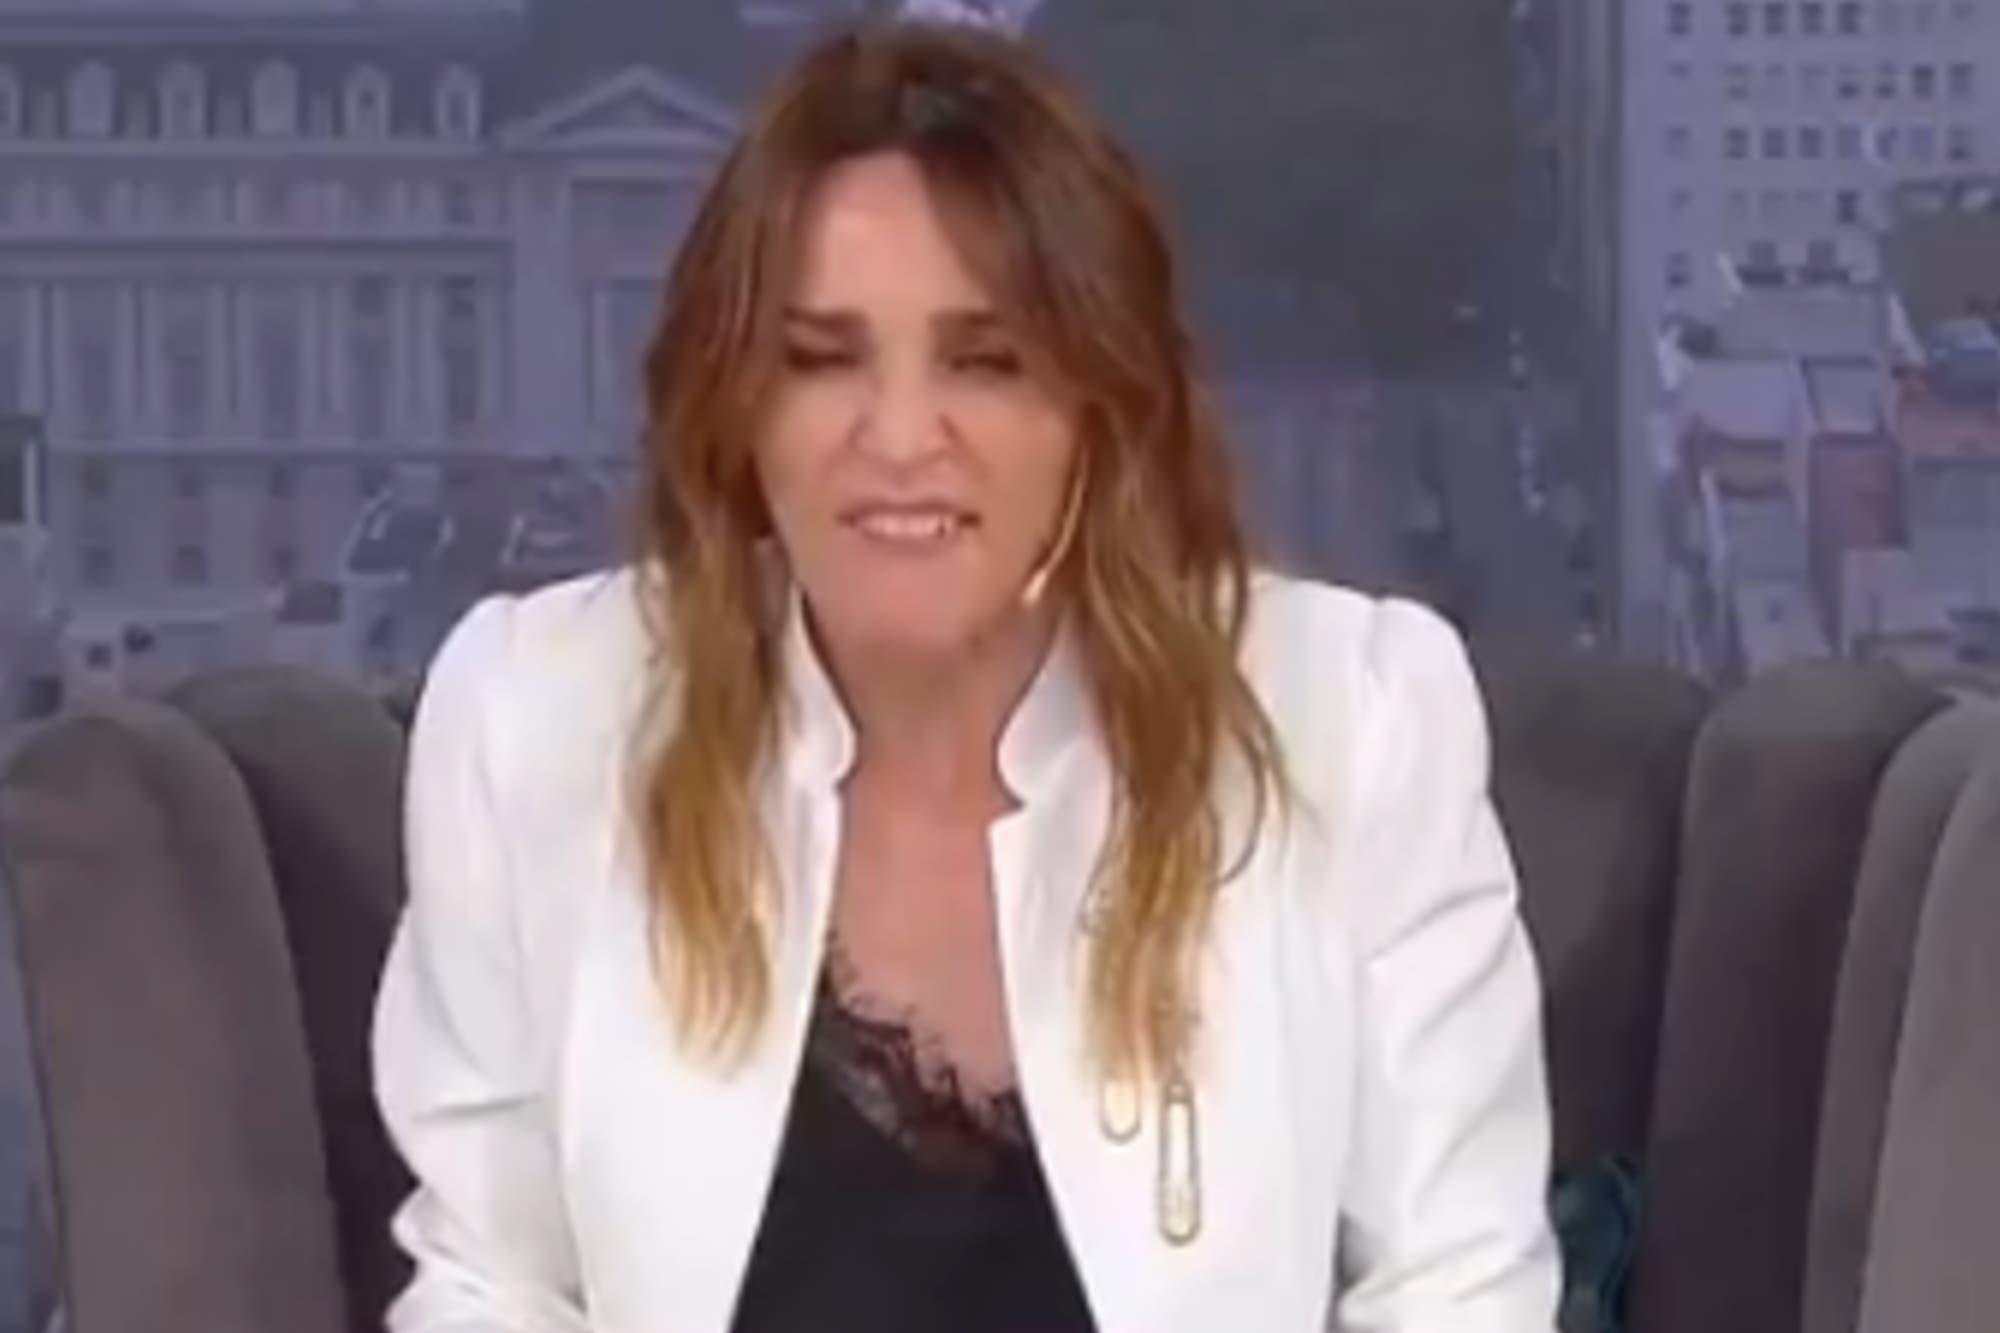 La inesperada y polémica burla de Verónica Lozano a Nicolás Wiñazki por su reclamo ante la cuarentena